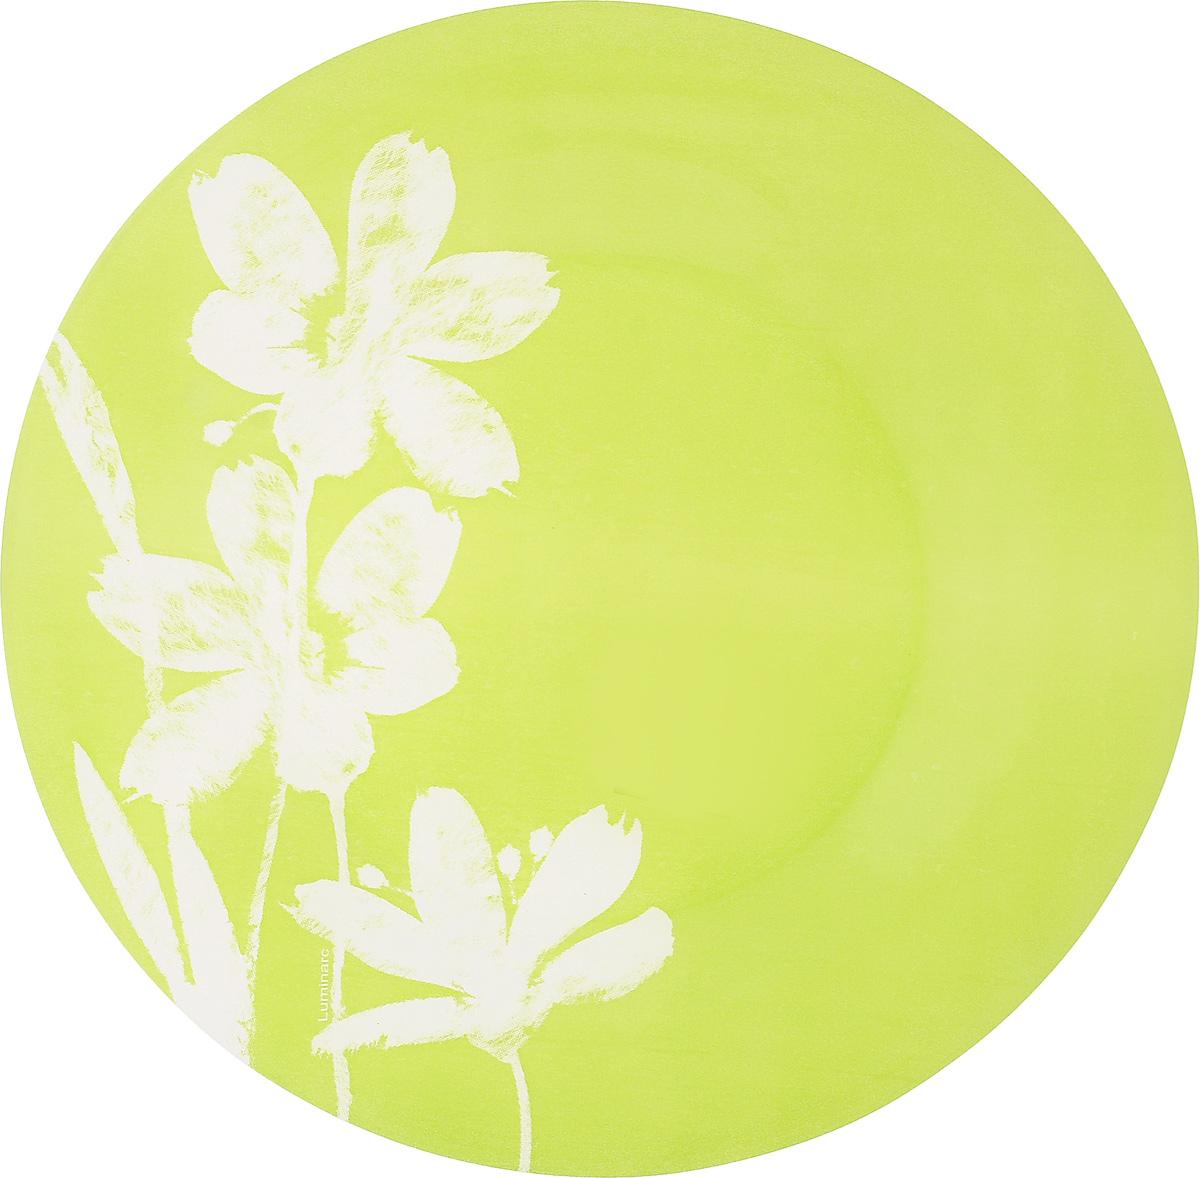 Тарелка десертная Luminarc Cotton Flower, 20 смH2783Десертная тарелка Luminarc Cotton Flower, изготовленная из ударопрочного стекла, имеет изысканный внешний вид. Такая тарелка прекрасно подходит как для торжественных случаев, так и для повседневного использования. Идеальна для подачи десертов, пирожных, тортов и многого другого. Она прекрасно оформит стол и станет отличным дополнением к вашей коллекции кухонной посуды. Диаметр тарелки (по верхнему краю): 20 см.